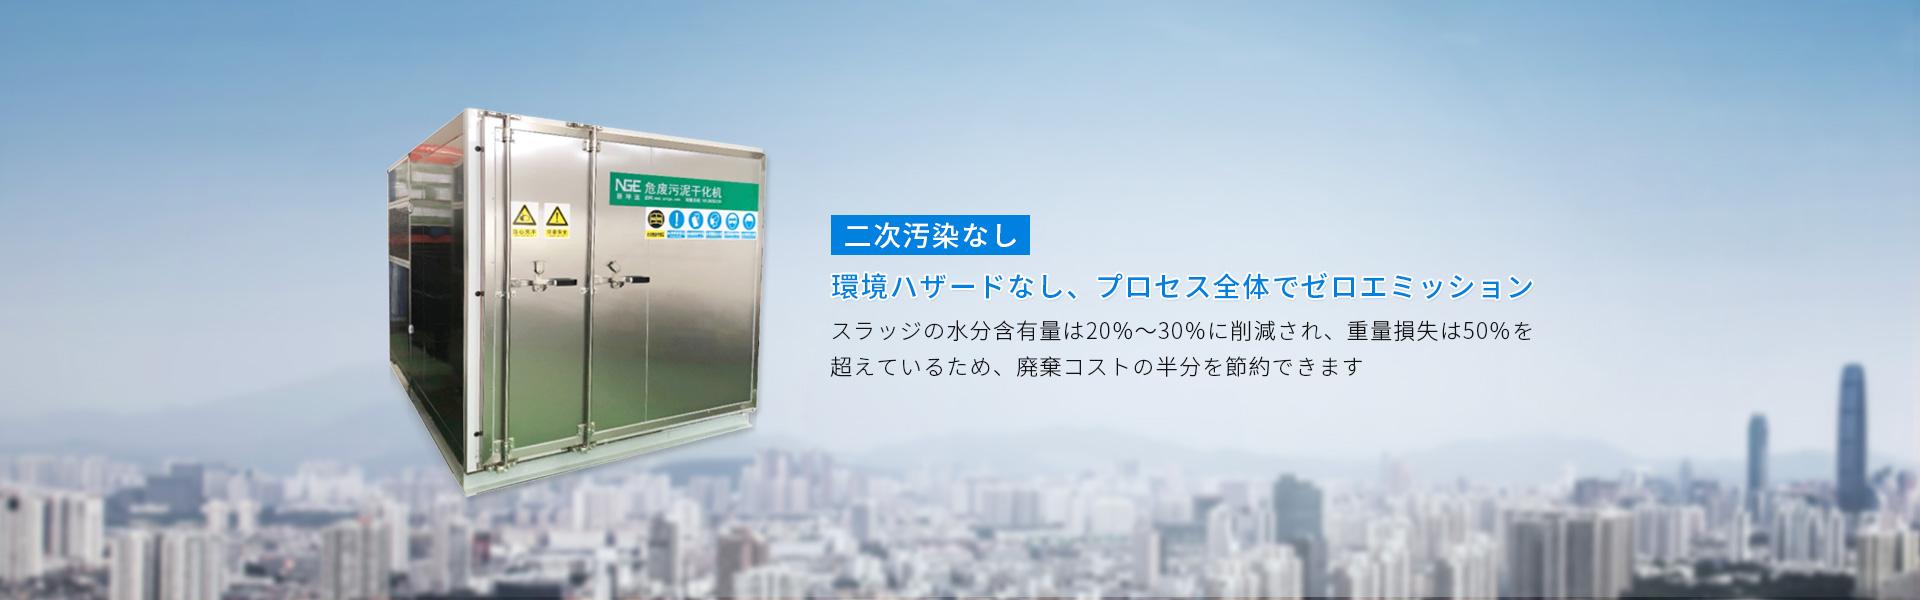 蘇州新クンユエン環境テクノロジー株式会社